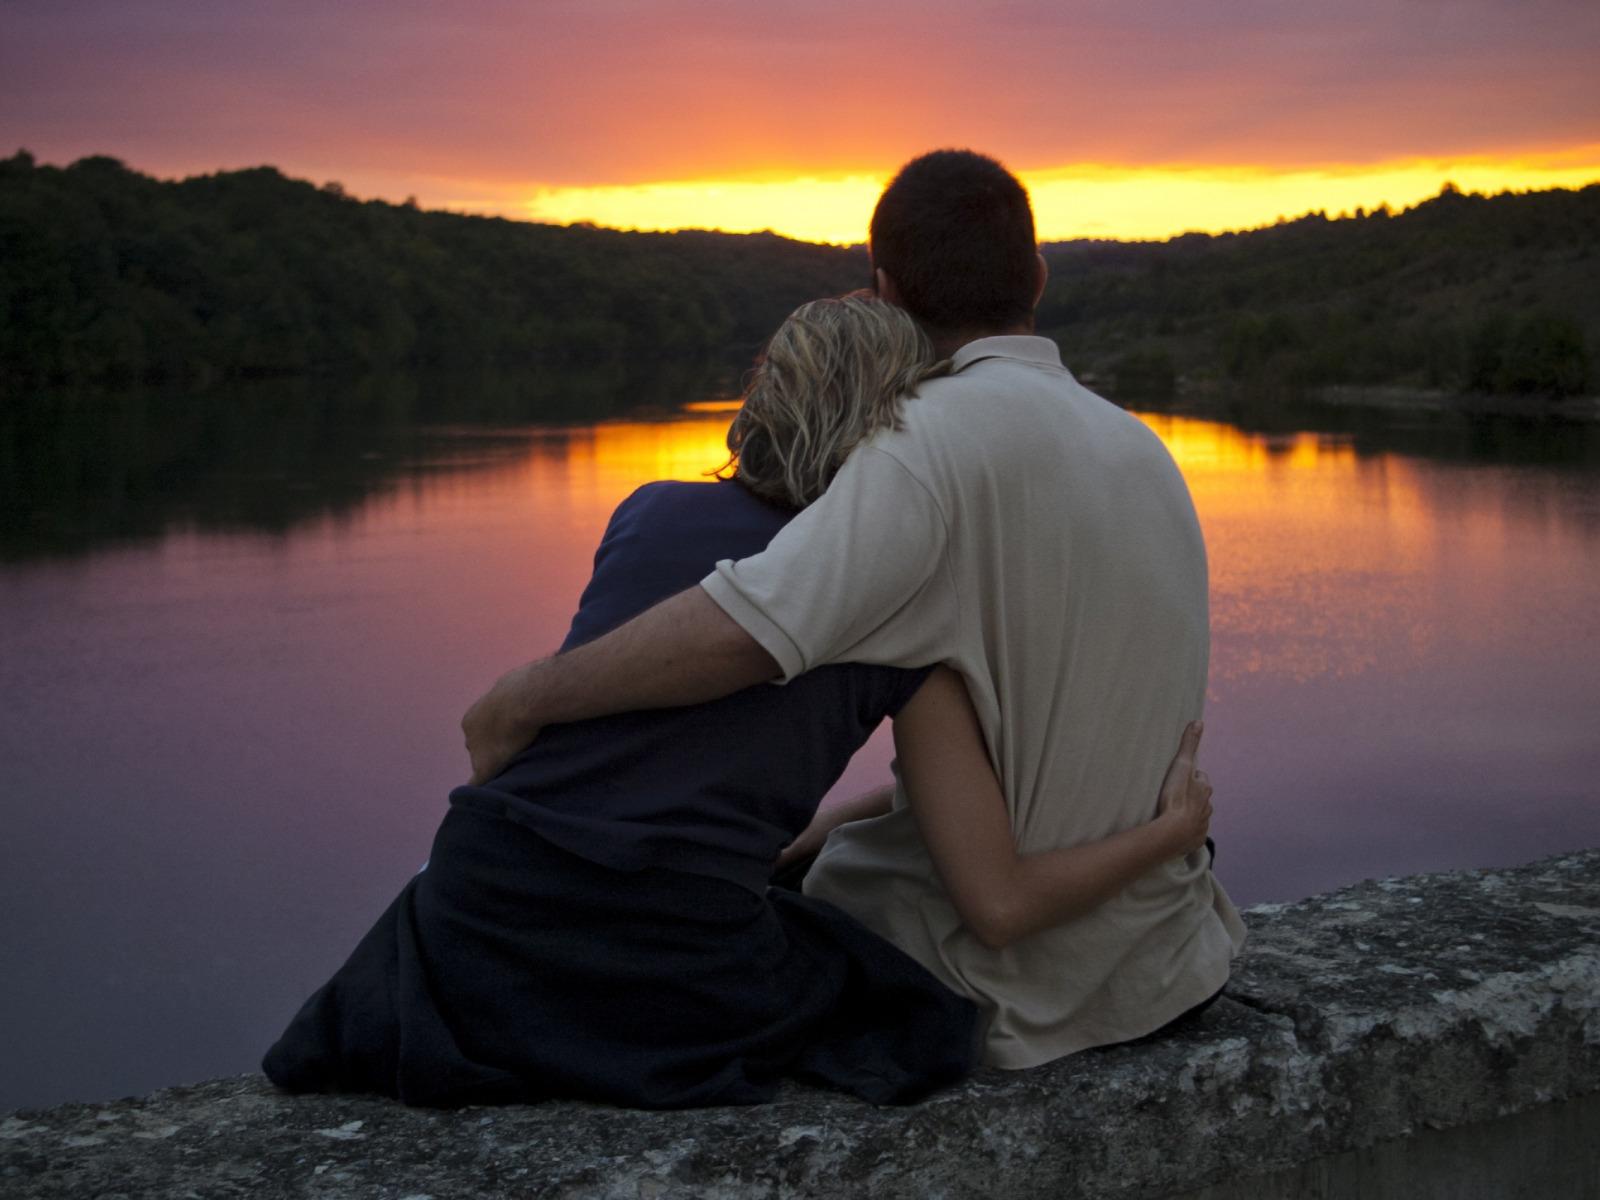 Романтика девушка и парень картинка